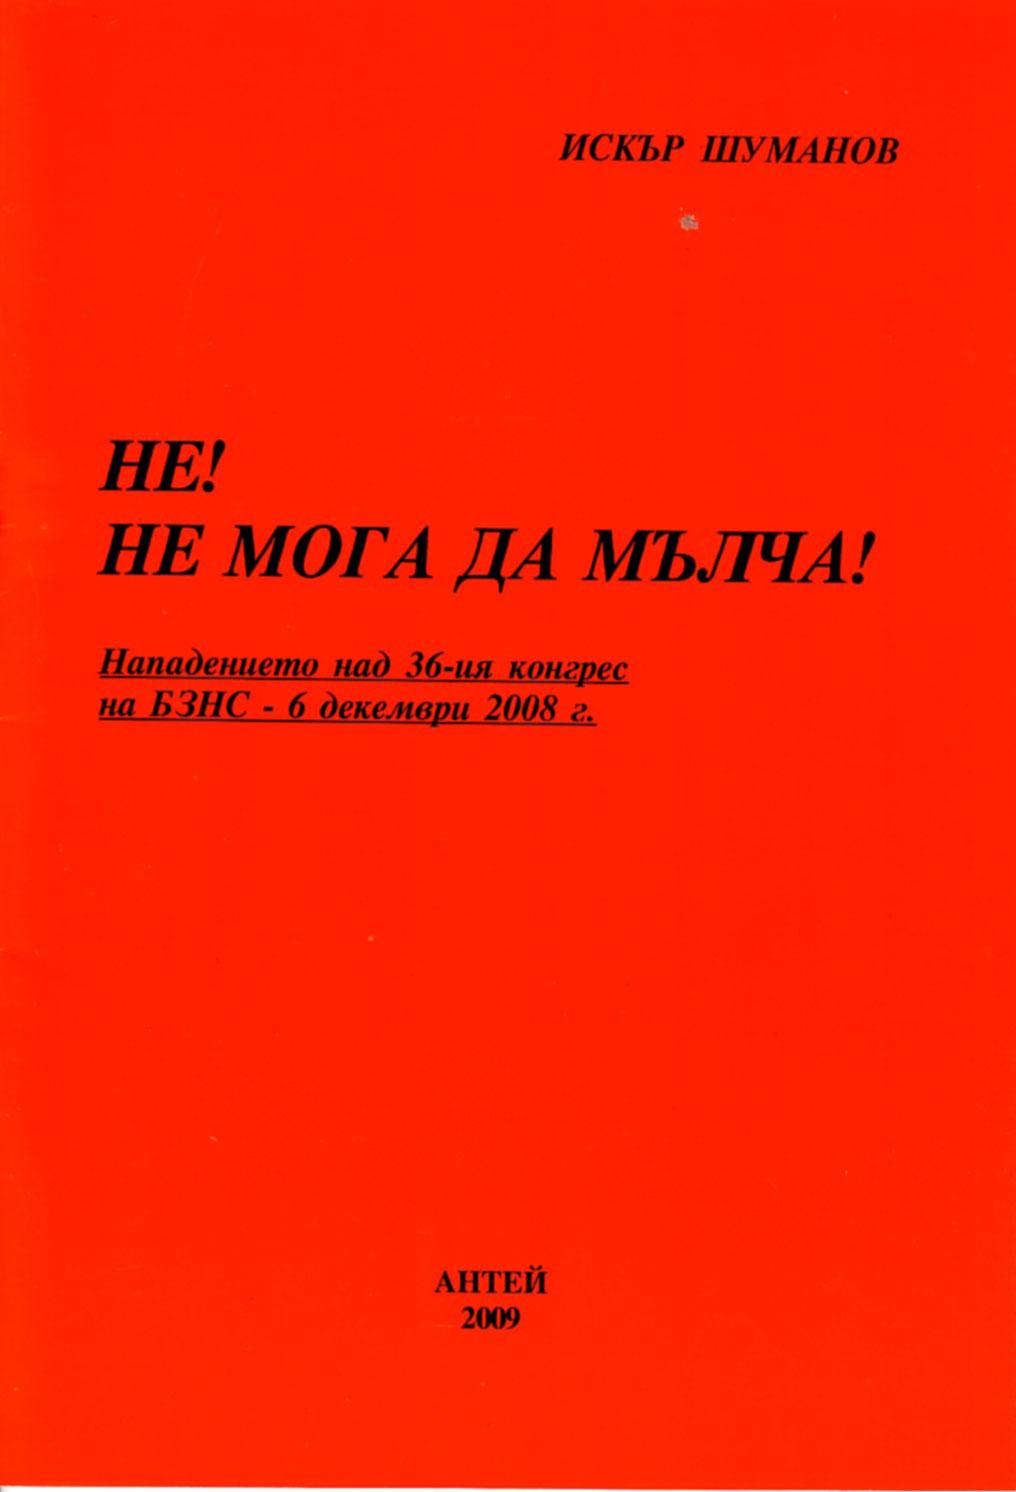 Не, не мога да мълча - автор Искър Шуманов